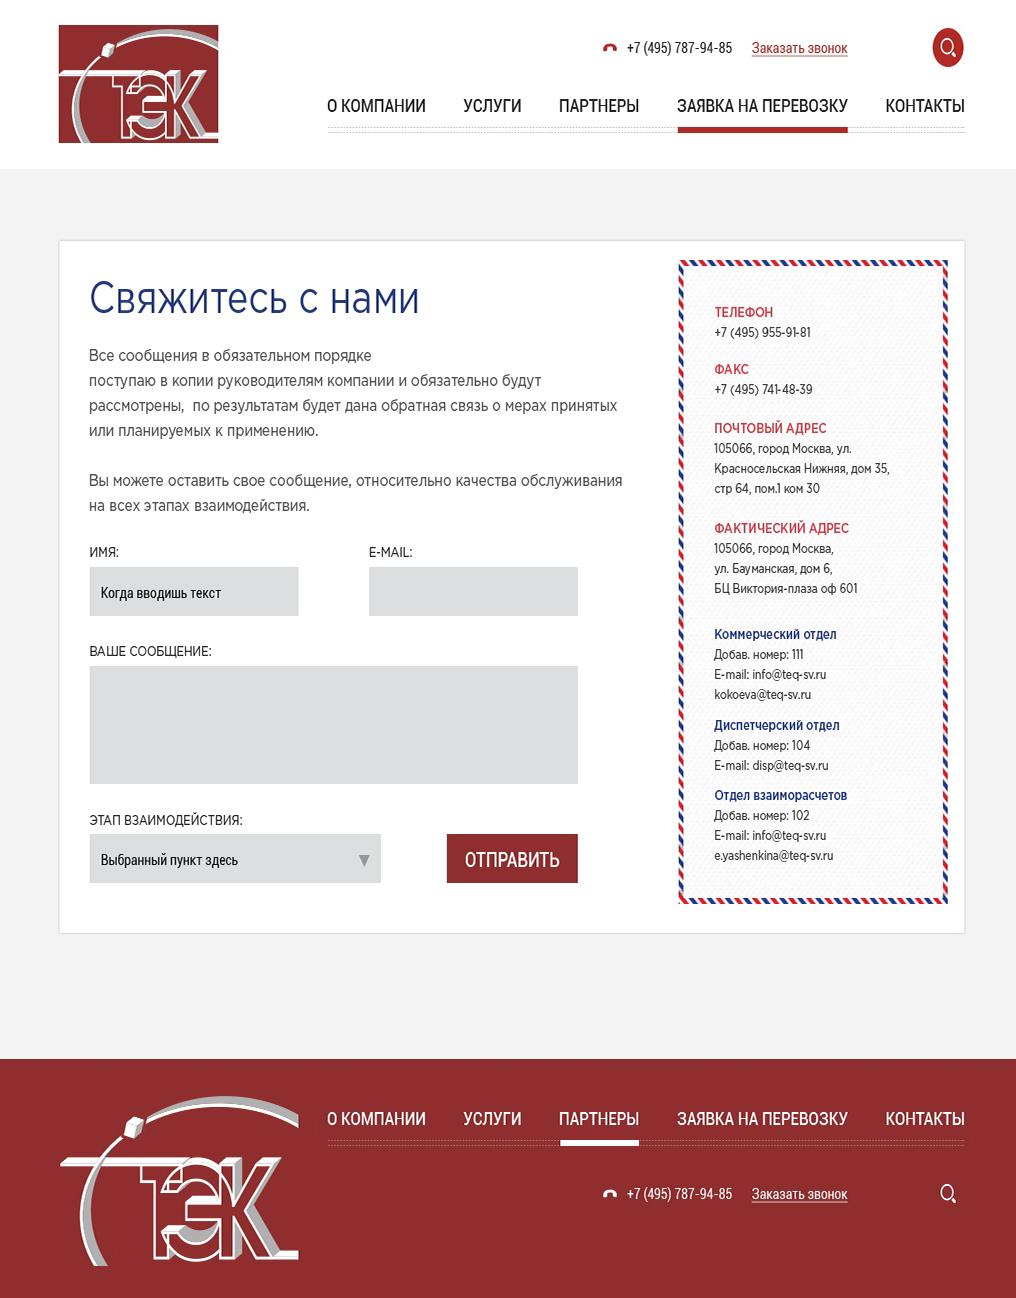 Разработка веб-сайта железнодорожных перевозок